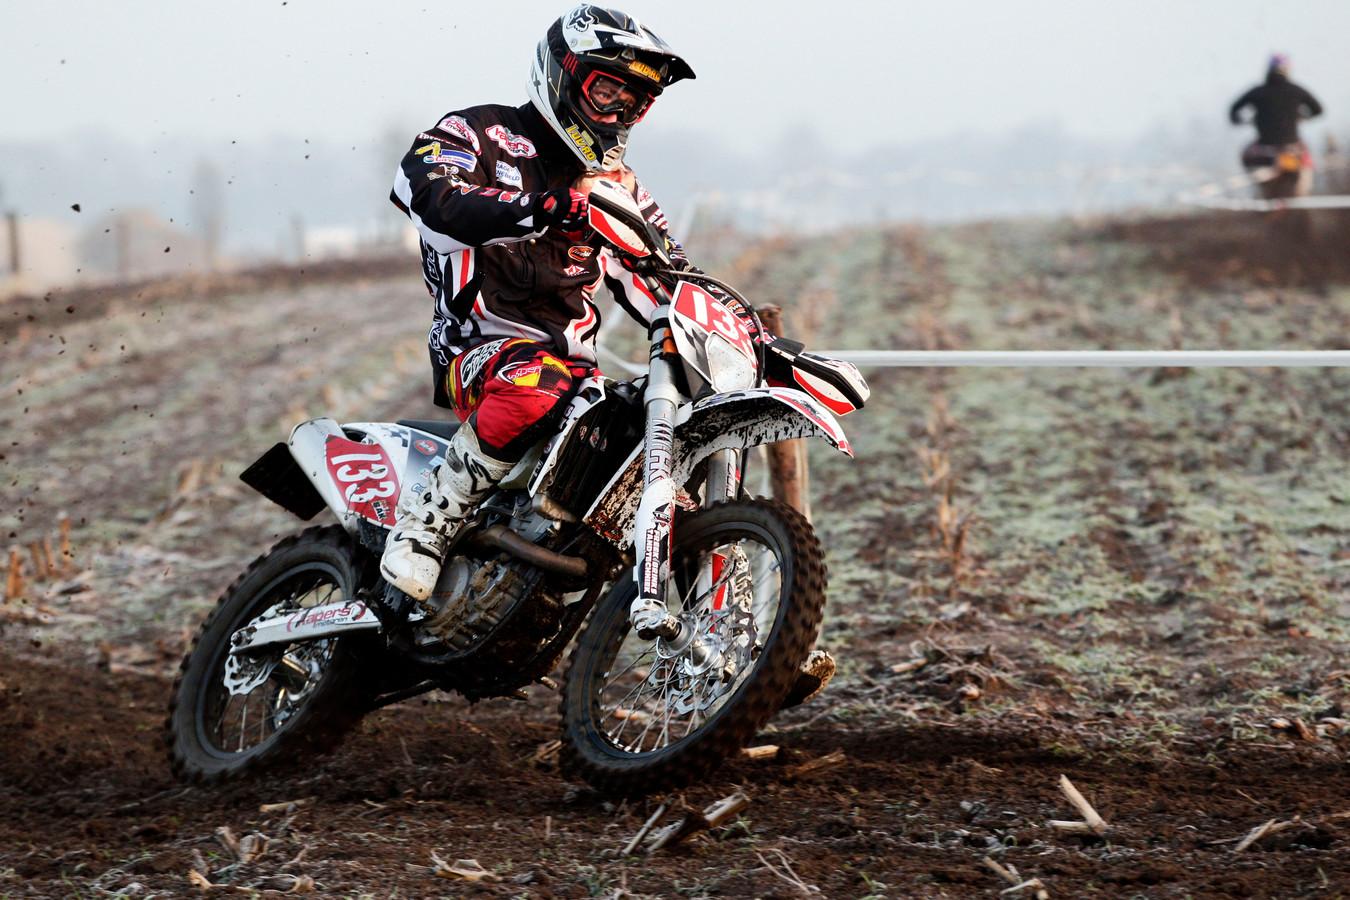 De Enterse Motor Club organiseerde meerdere malen de Kampioensrit, aan het eind van het seizoen voor endurocrossers.